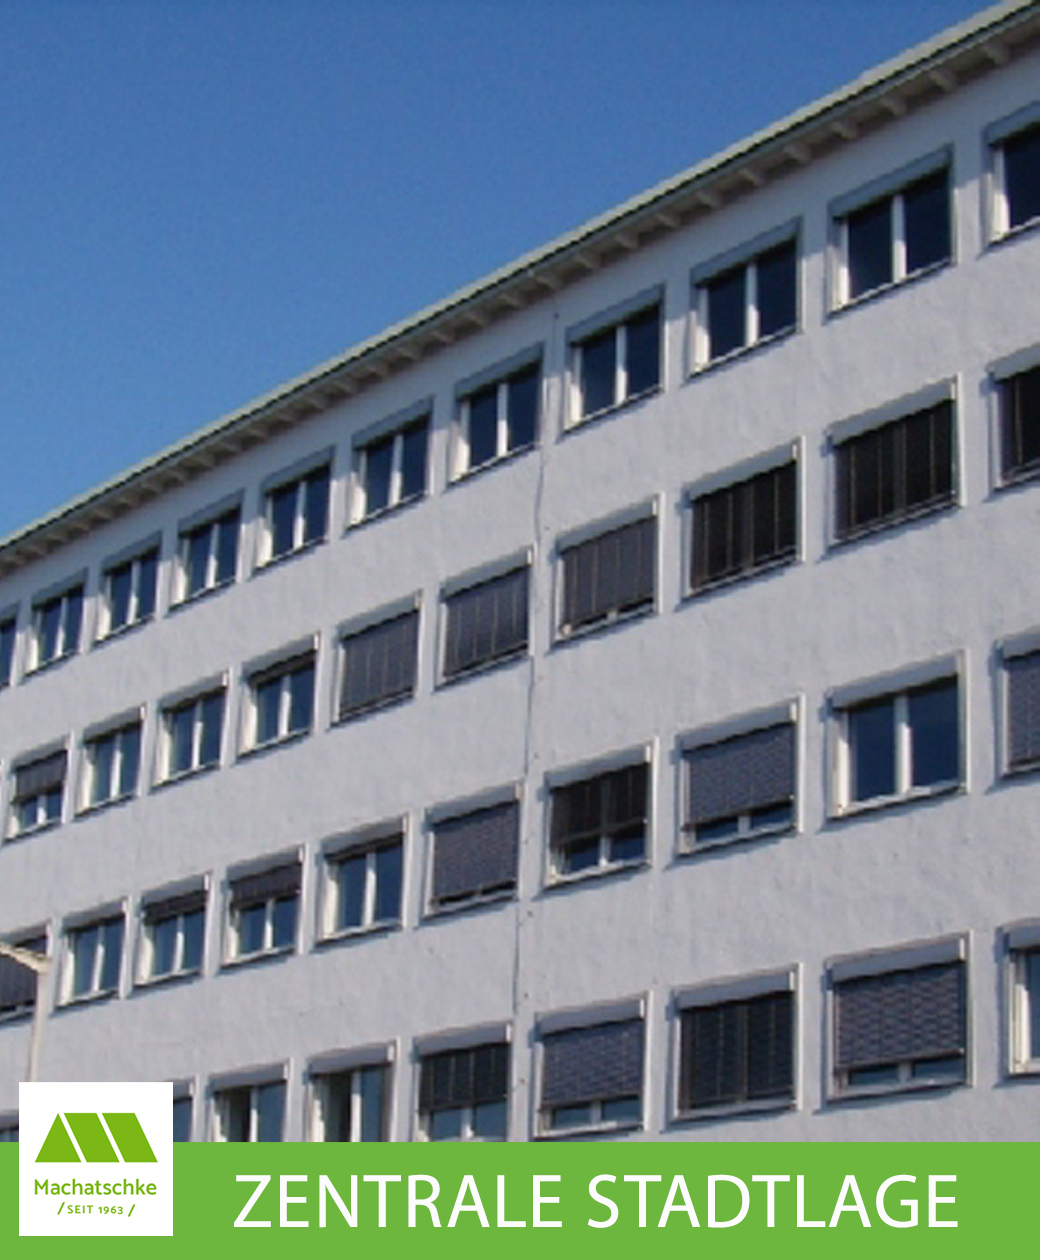 Büro-, Verwaltungs-, oder Dienstleistungsgebäude in zentraler Stadtlage